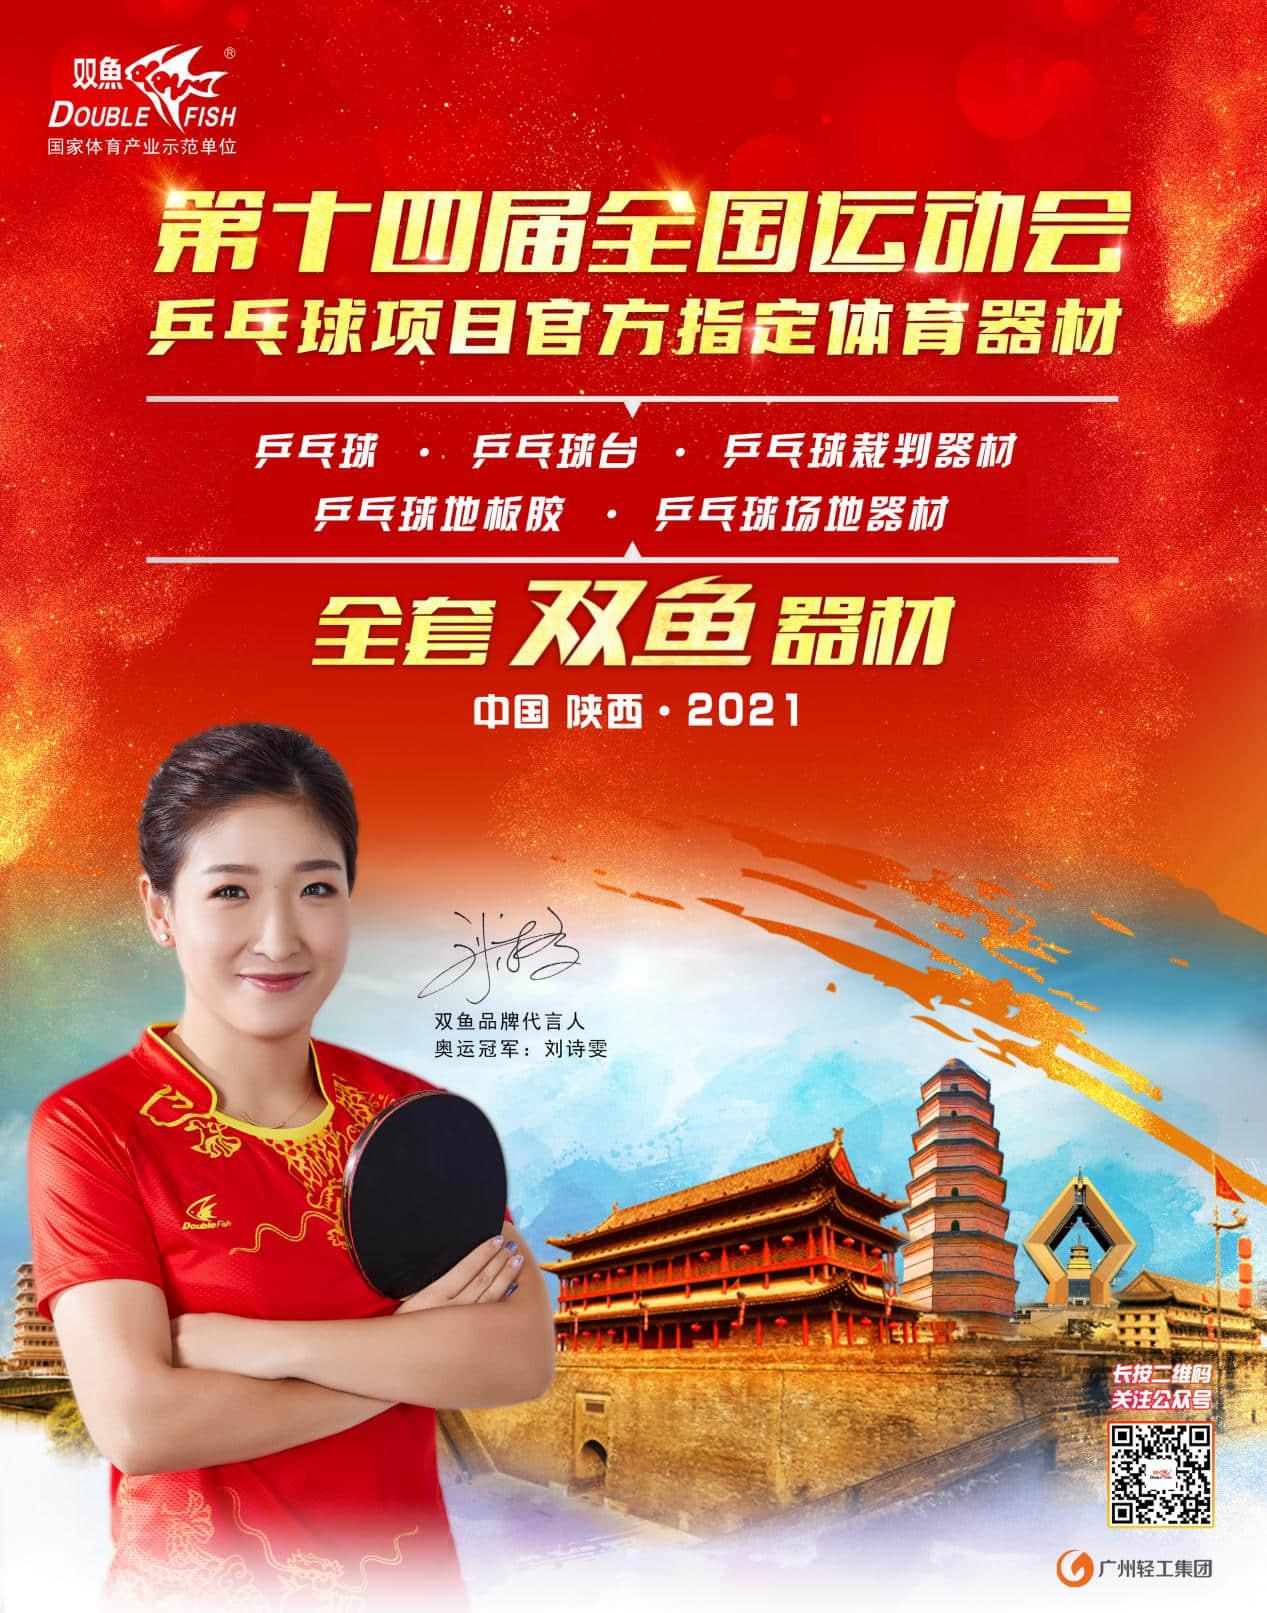 乒乓世界9月广告-全运会标语7